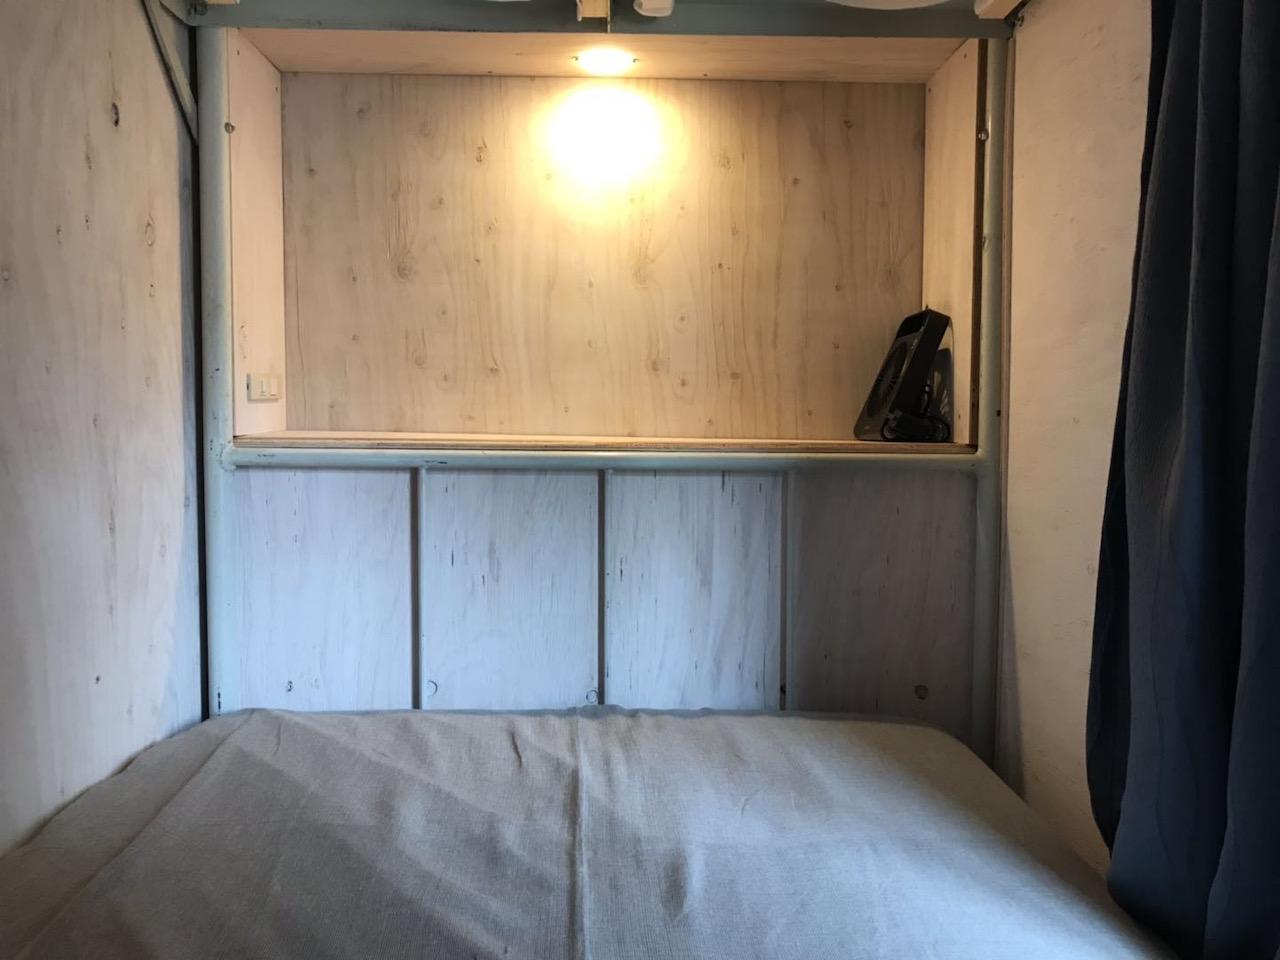 ベッド内部の写真